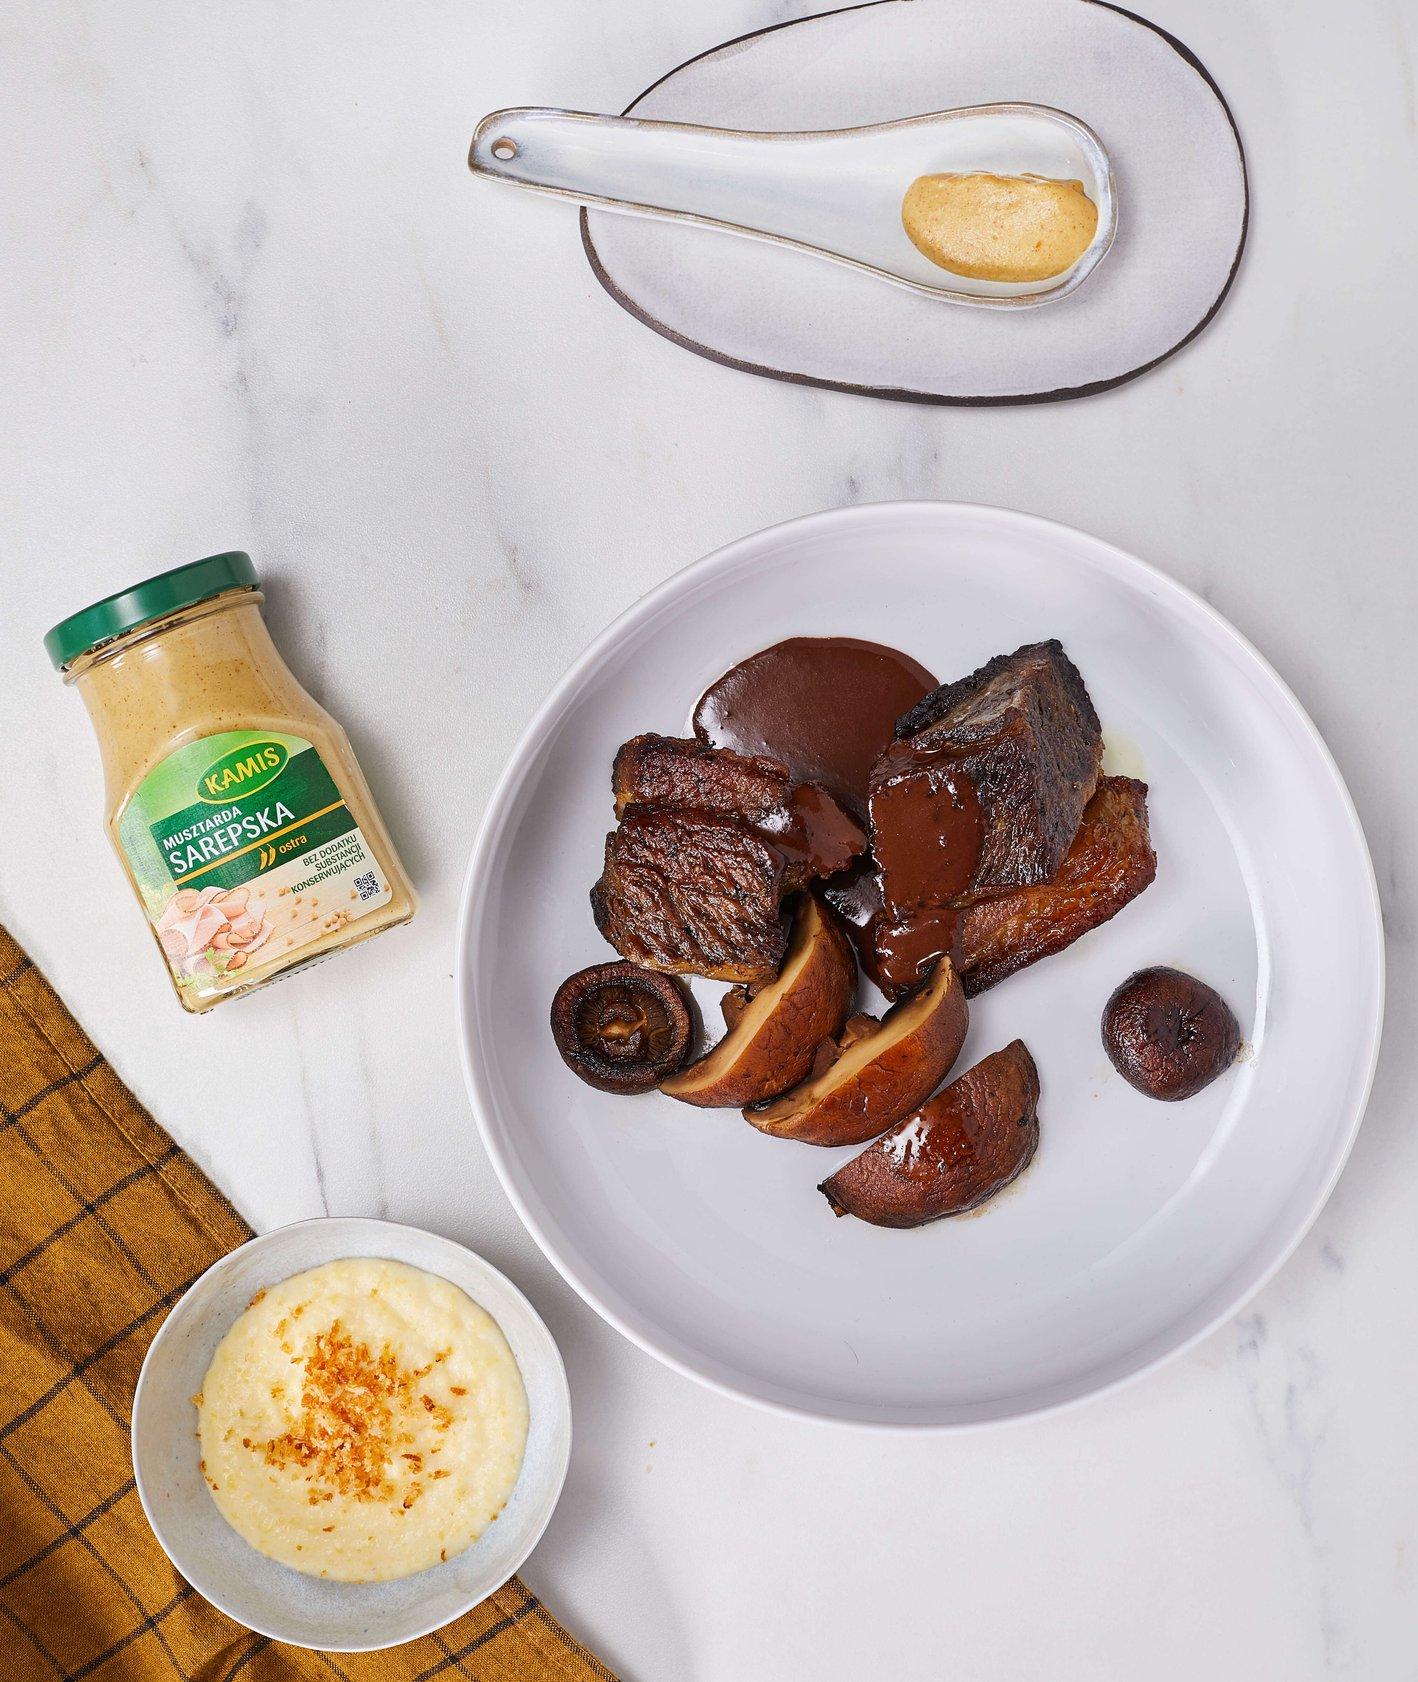 czekoladowy sos do mięs, przepis na szponder (fot. Maciek Niemojewski)